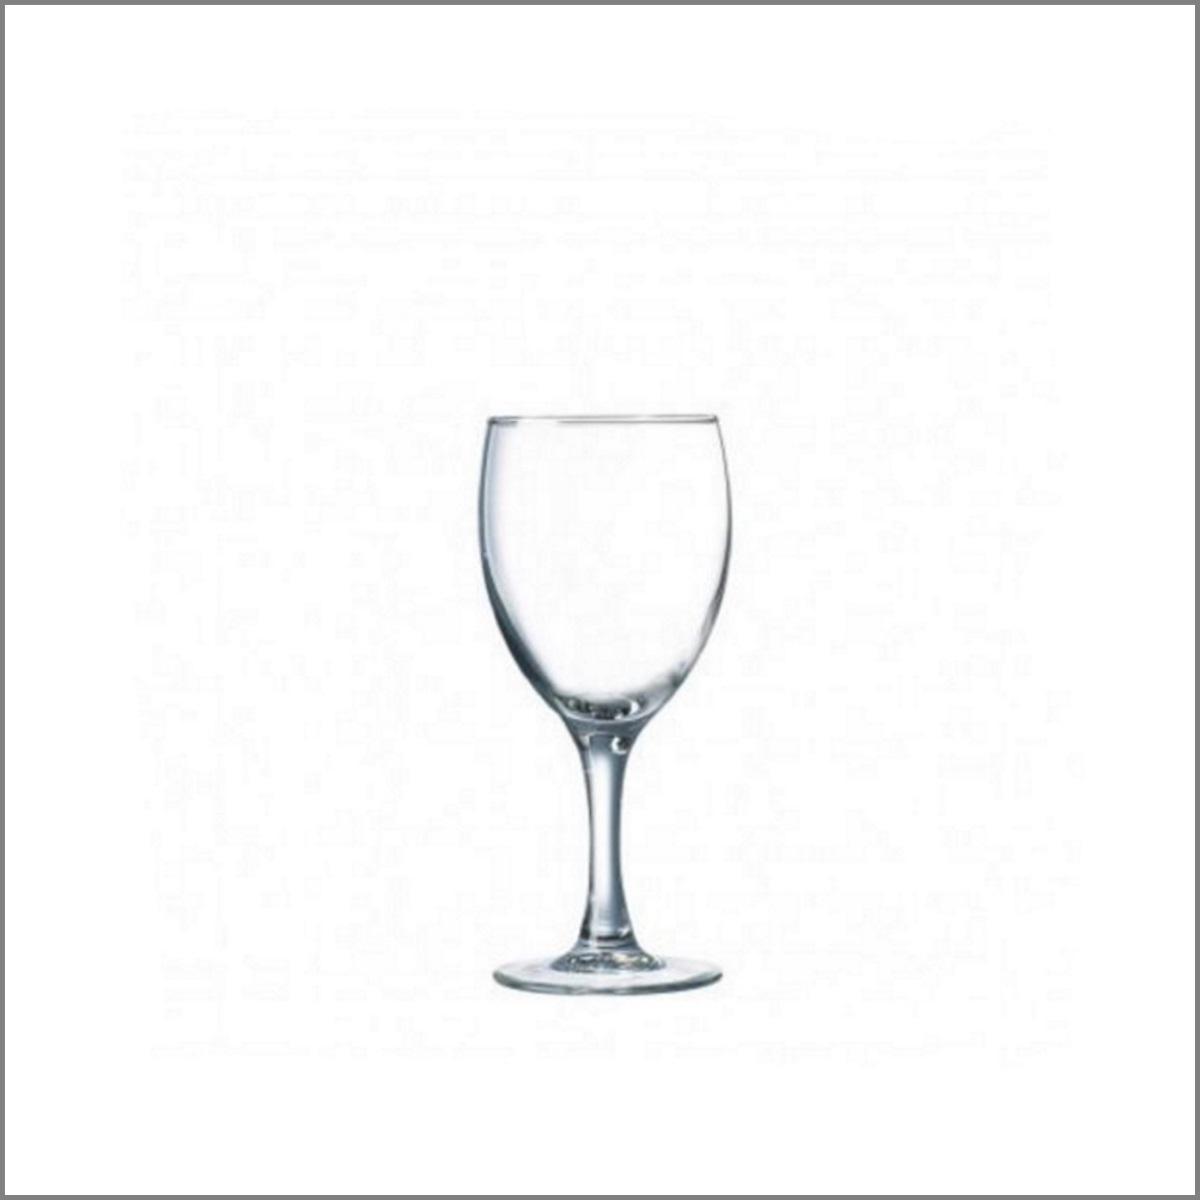 Verre vin elegance 19 cl 1